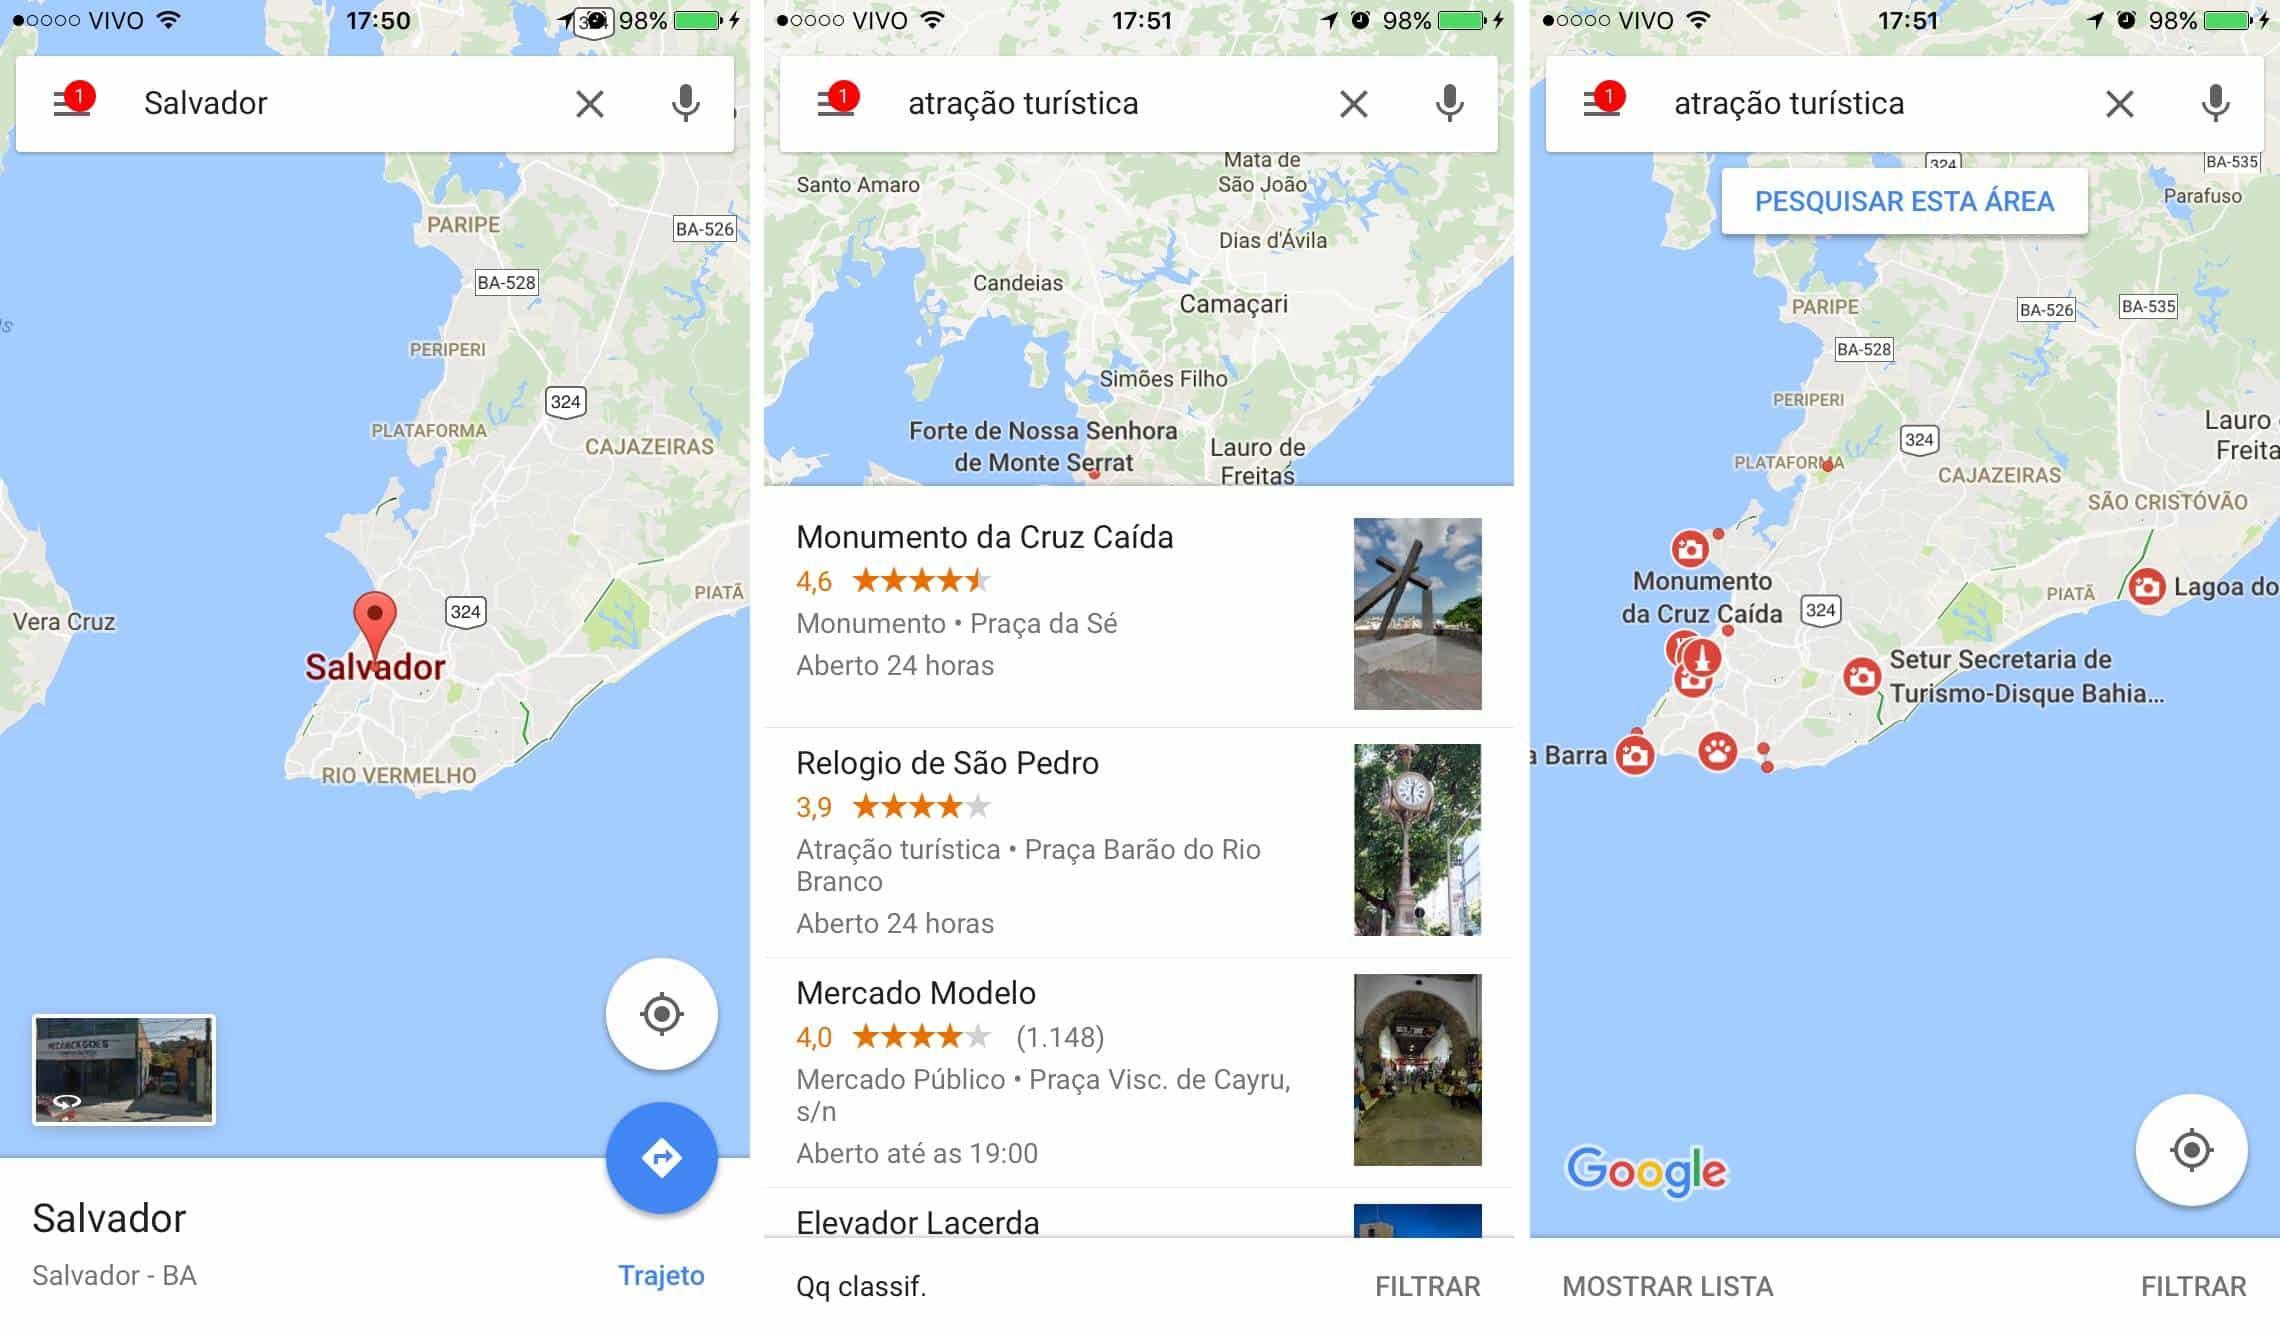 Veja como encontrar pontos tursticos no google maps agora vo aparecer pontos vermelhos no mapa com o smbolo de uma cmera fotogrfica ou de um monumento essas so as atraes tursticas que tm por l reheart Images